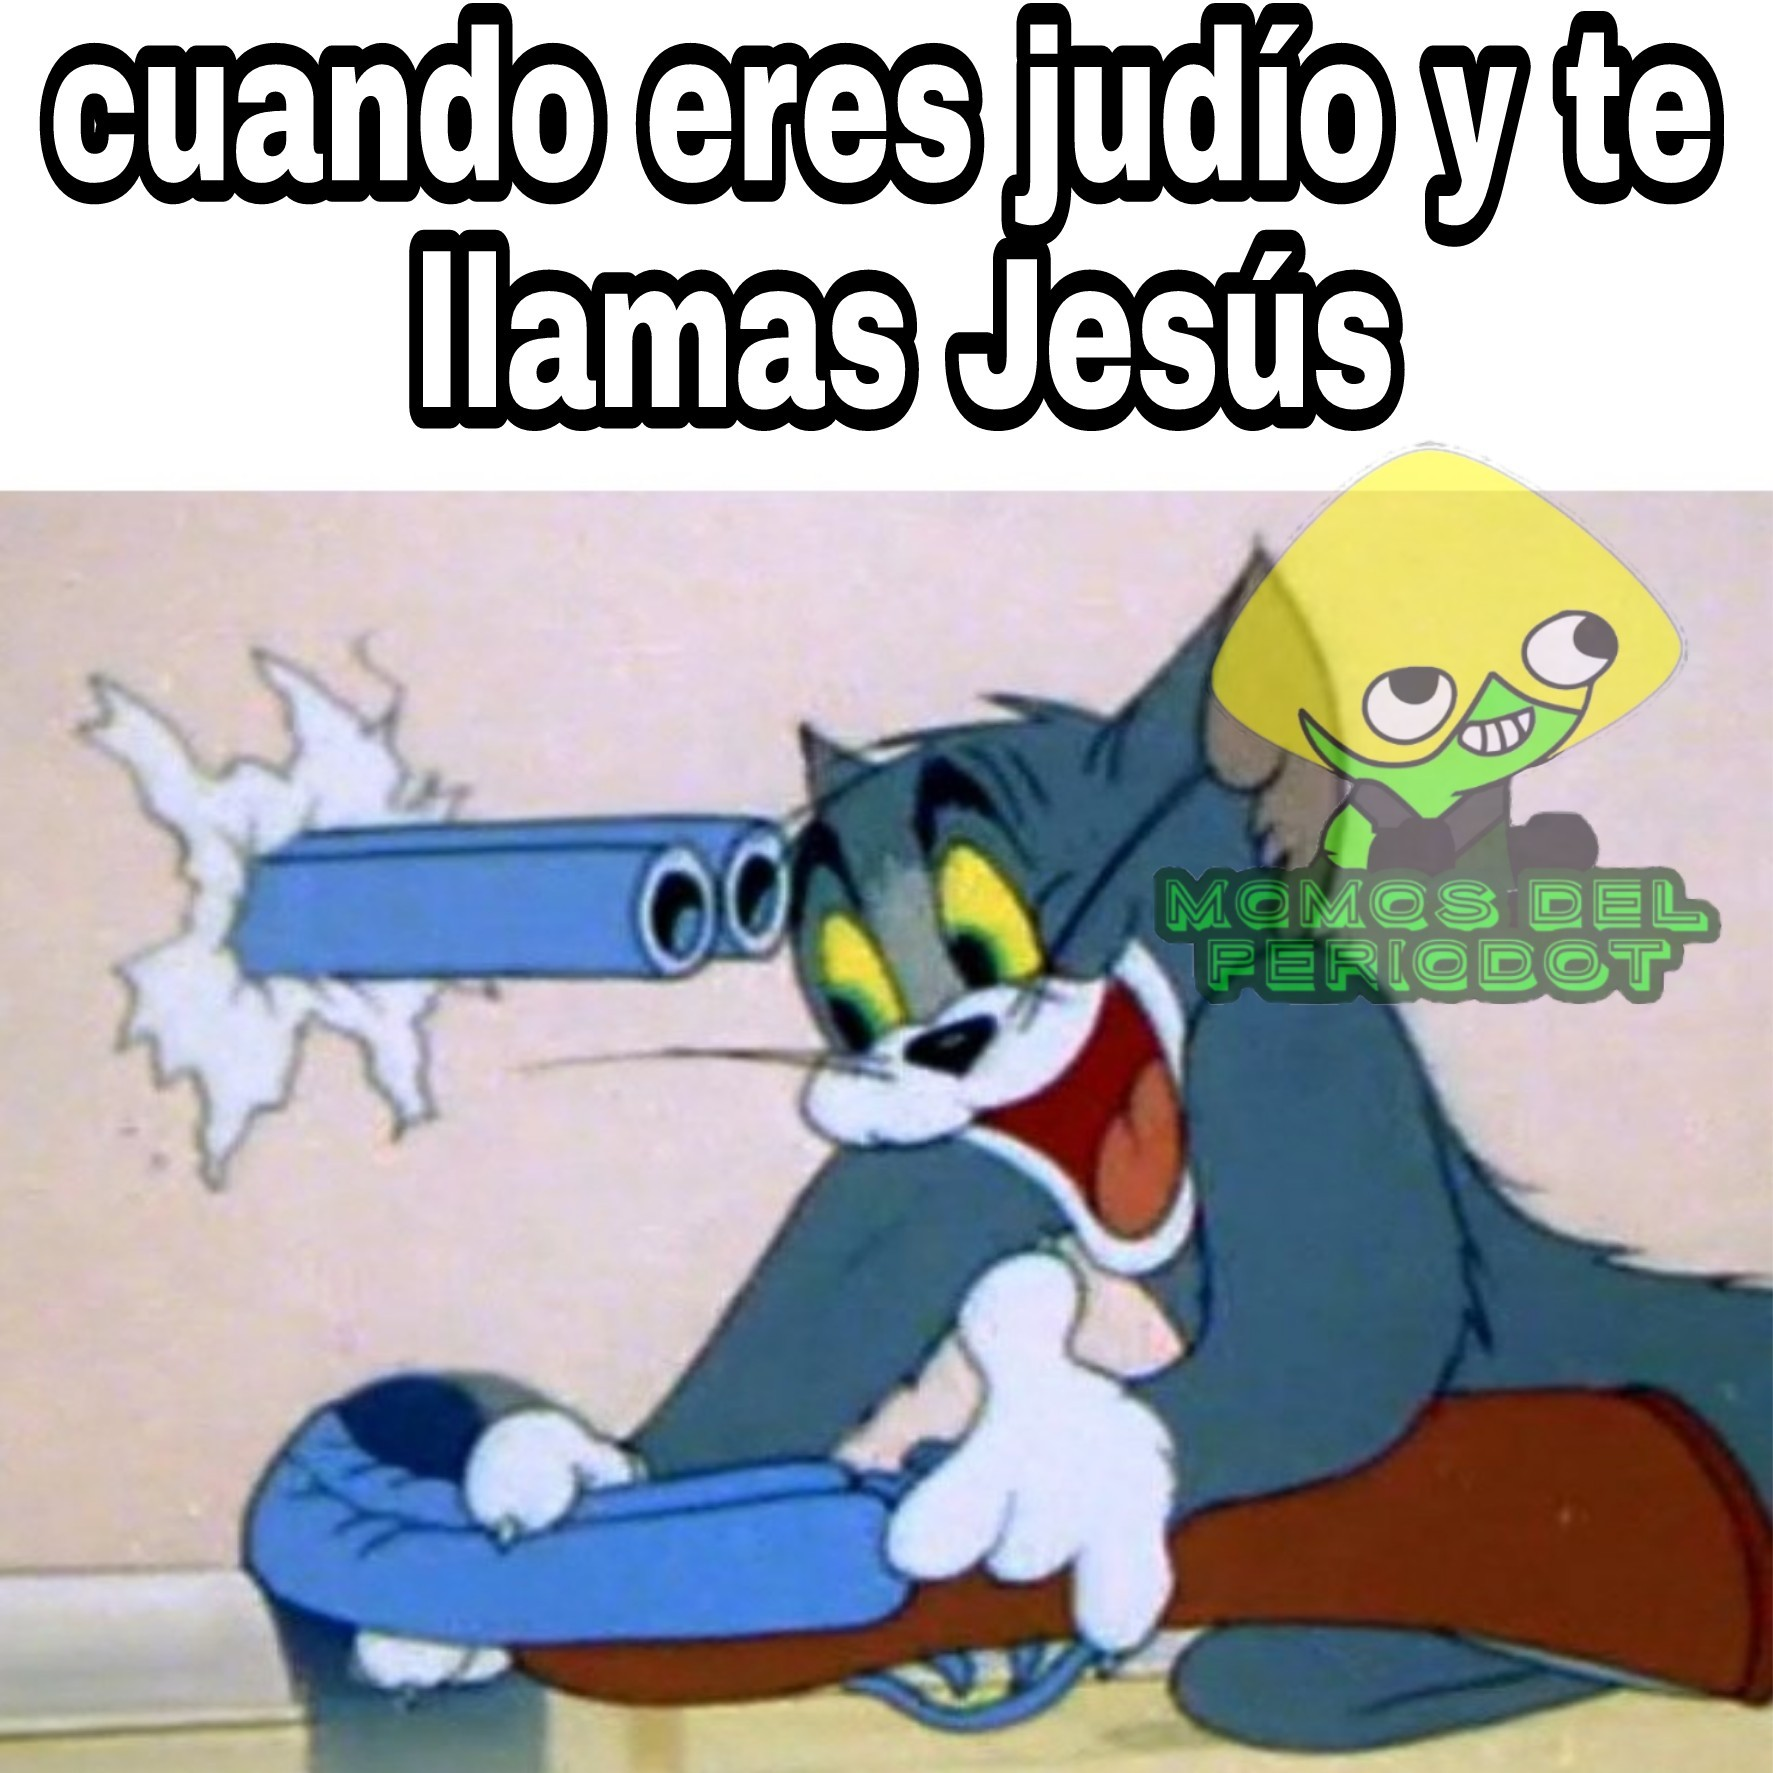 Mire el Momo :^) - meme